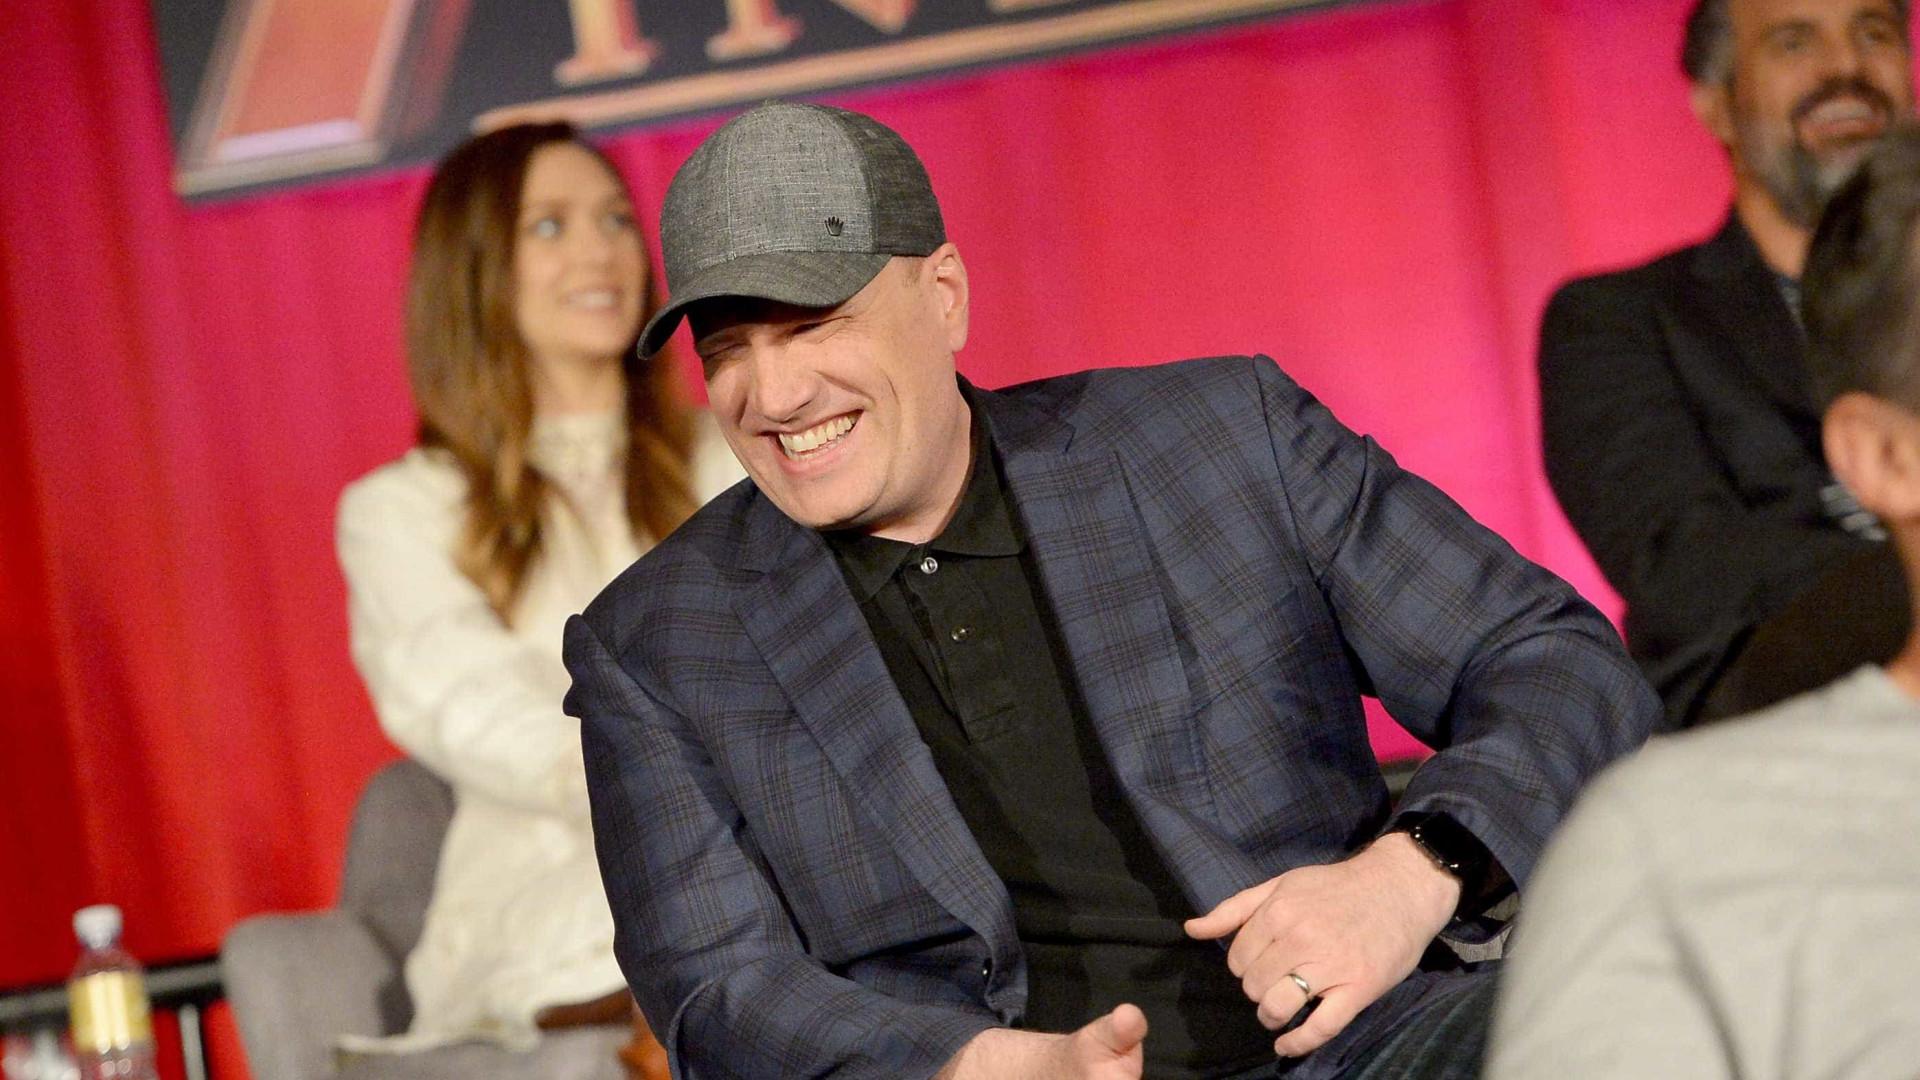 Kevin Feige diz que filmes da Marvel terão mais representatividade